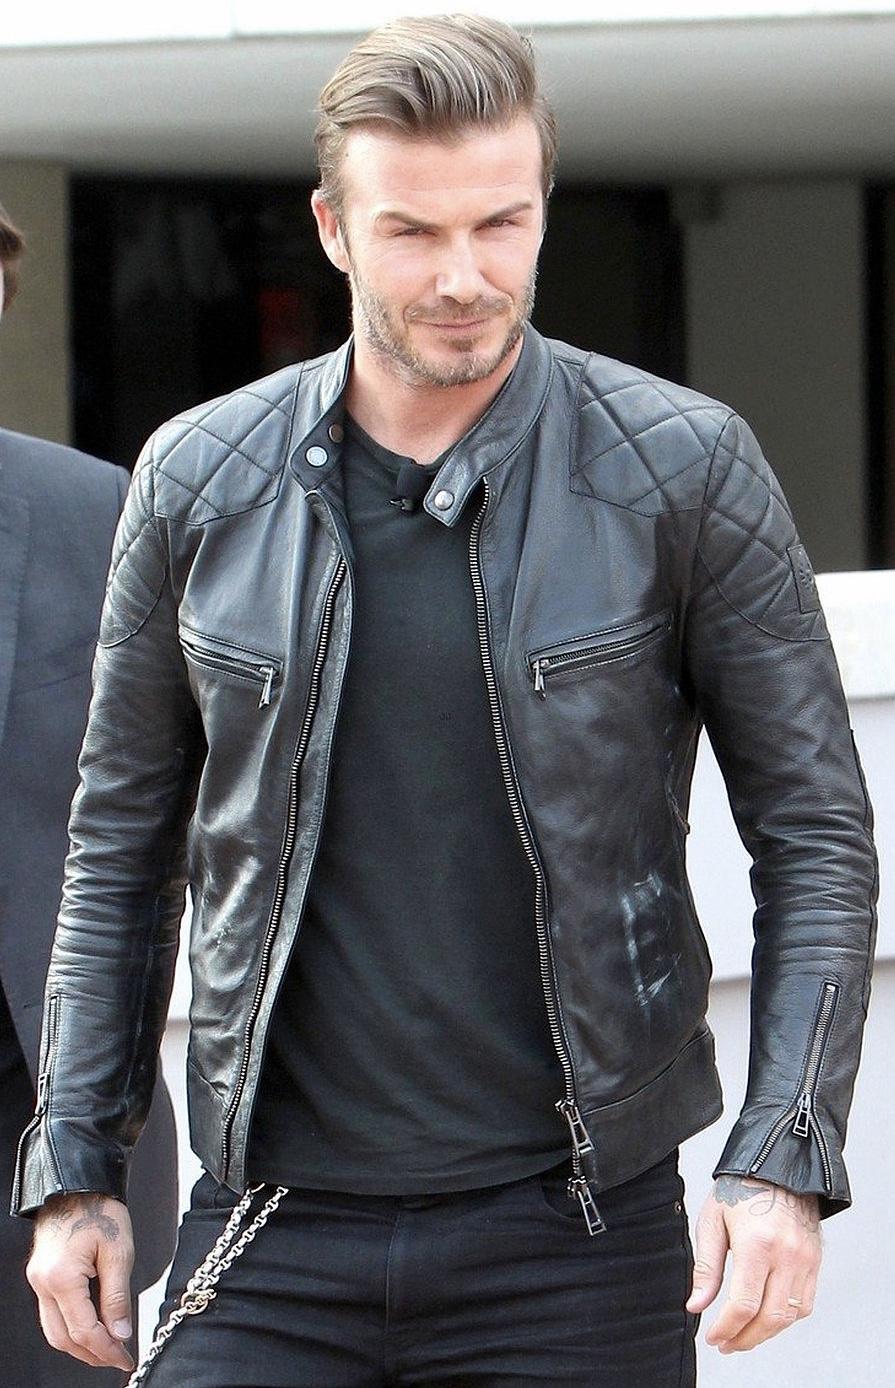 David-Beckham-Jacket/ghtyjrt.jpg